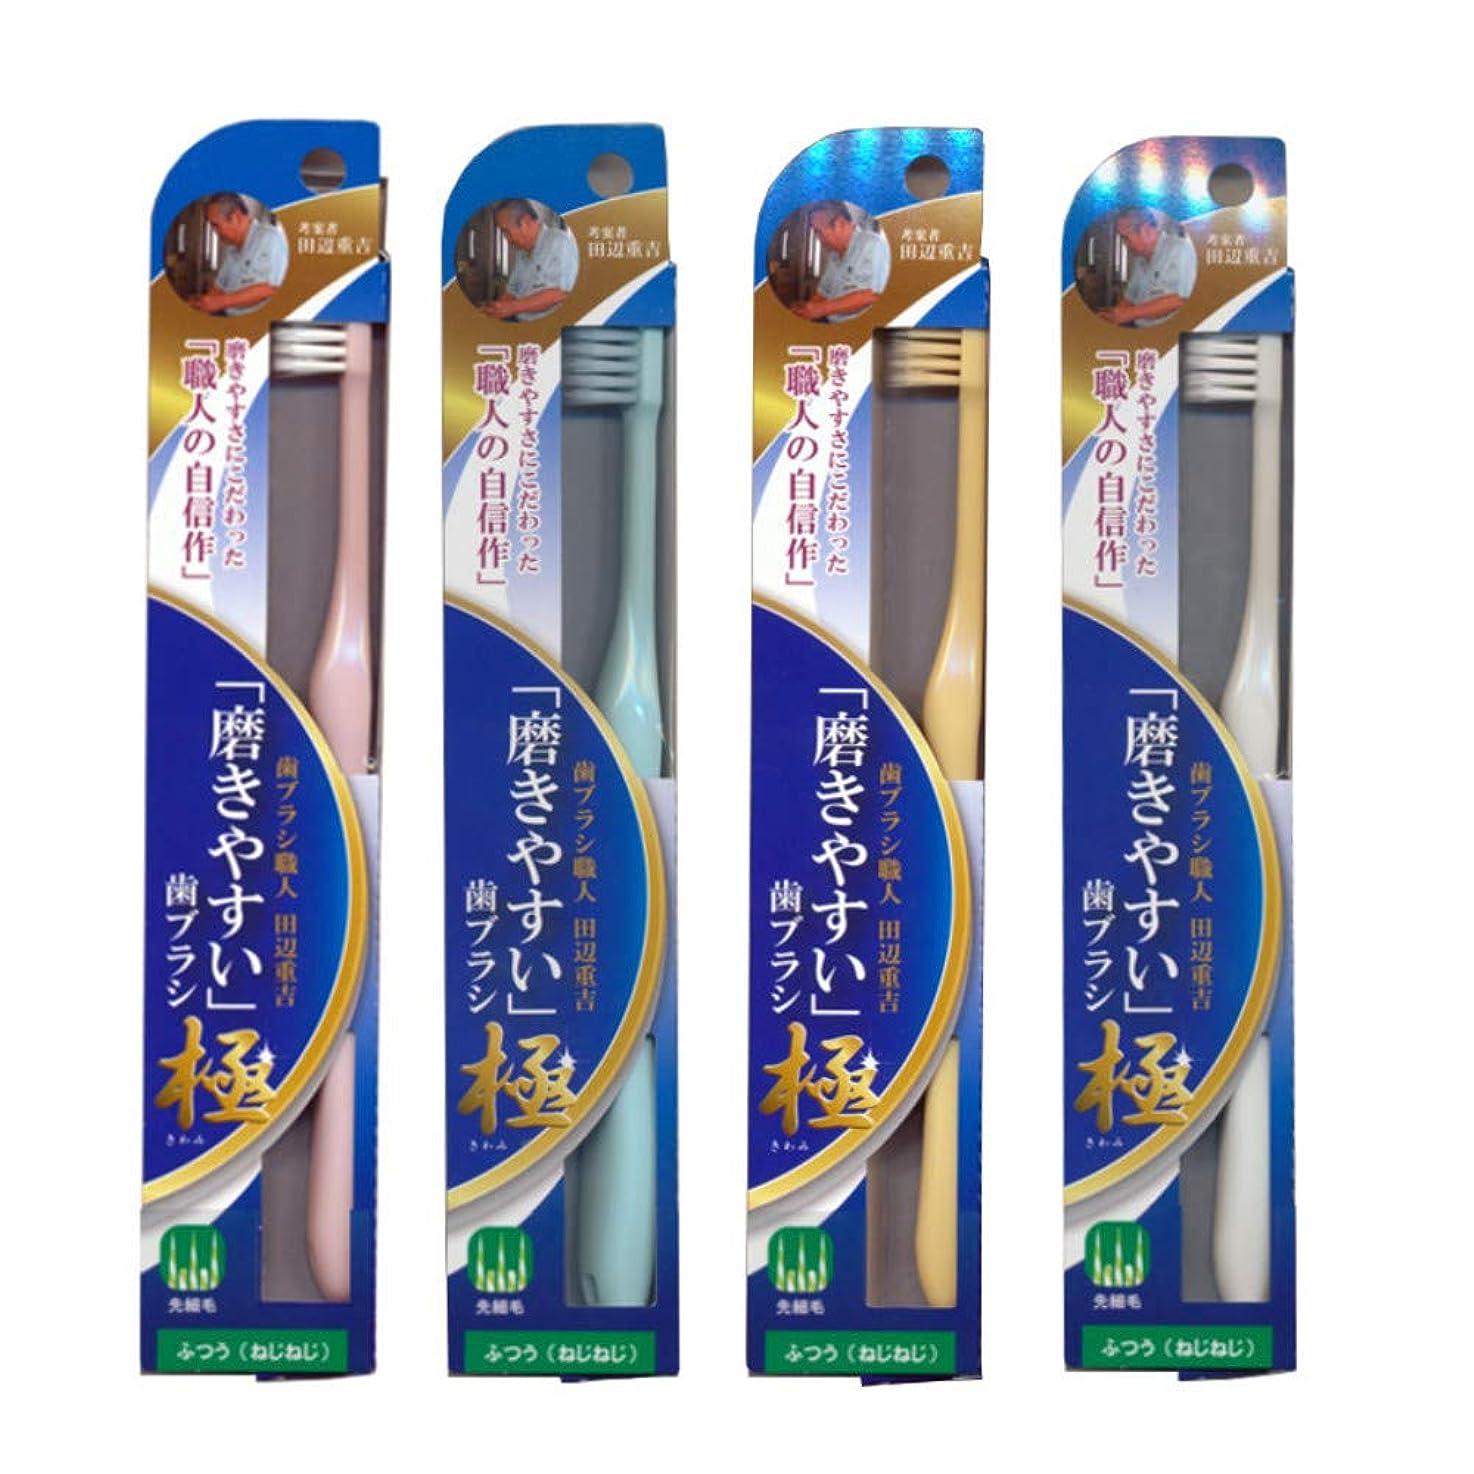 素晴らしい良い多くの段階矢じり磨きやすい歯ブラシ極 (ふつう ねじねじ) LT-45×4本セット(ピンク×1、ブルー×1、ホワイト×1、イエロー×1) 先細毛